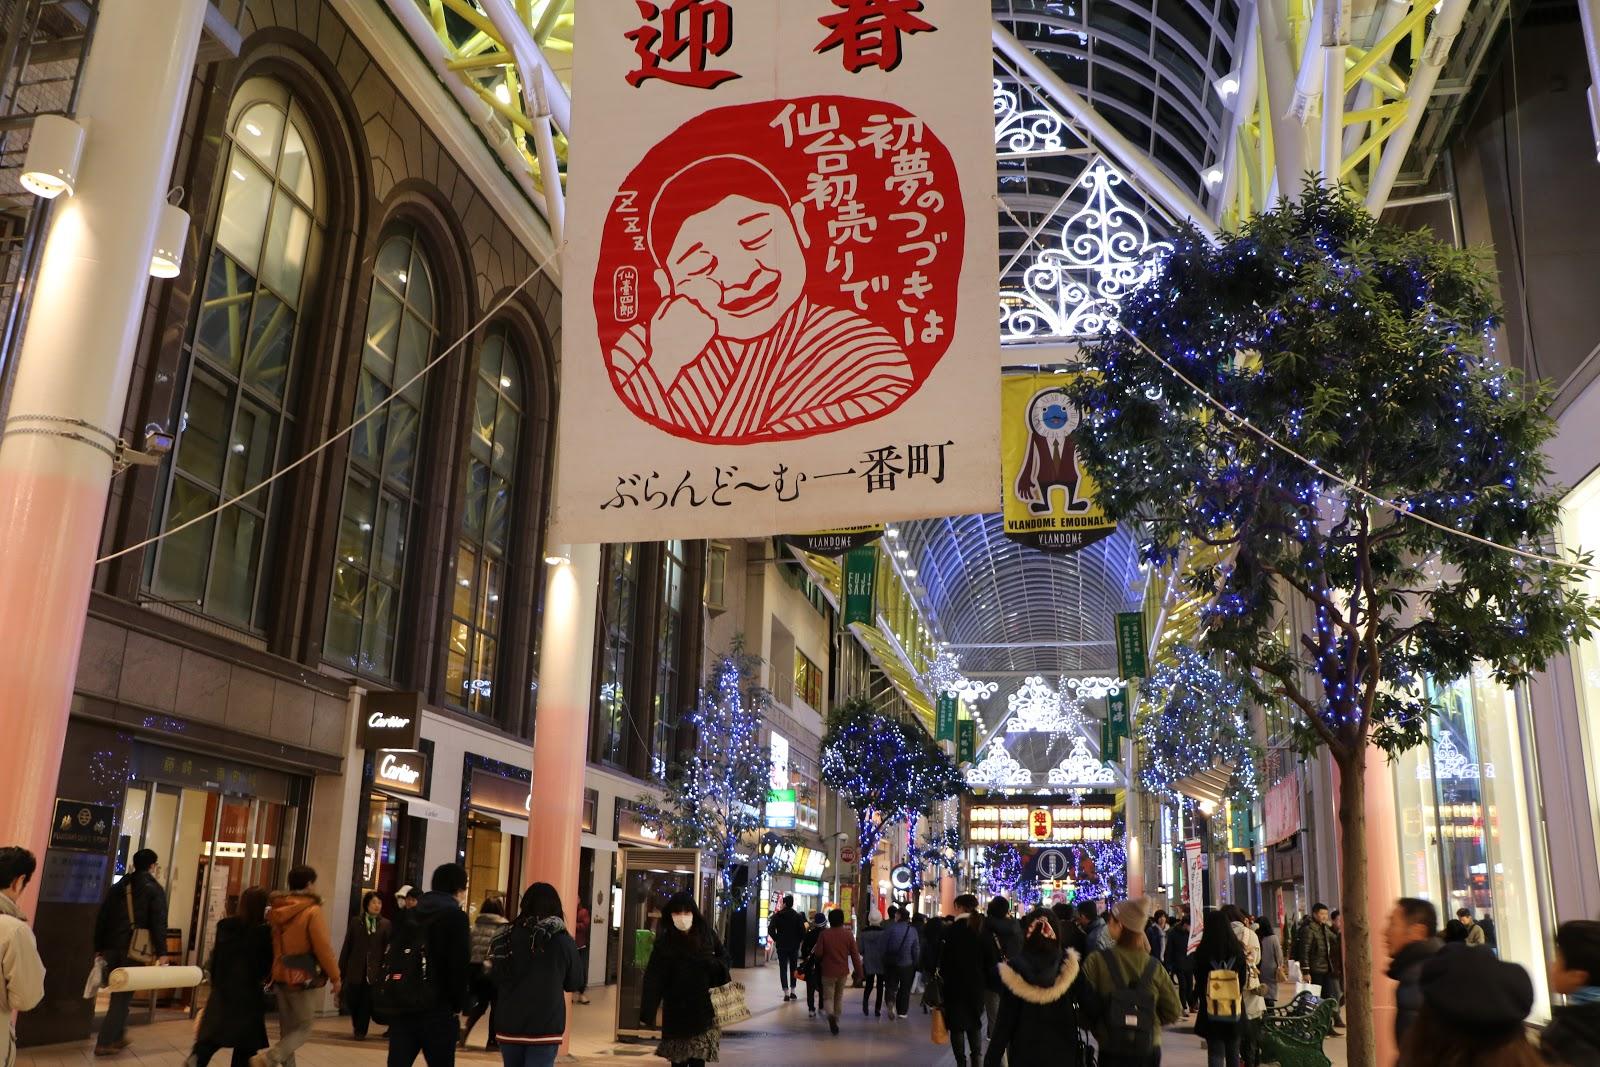 「仙台一番街 5月」的圖片搜尋結果